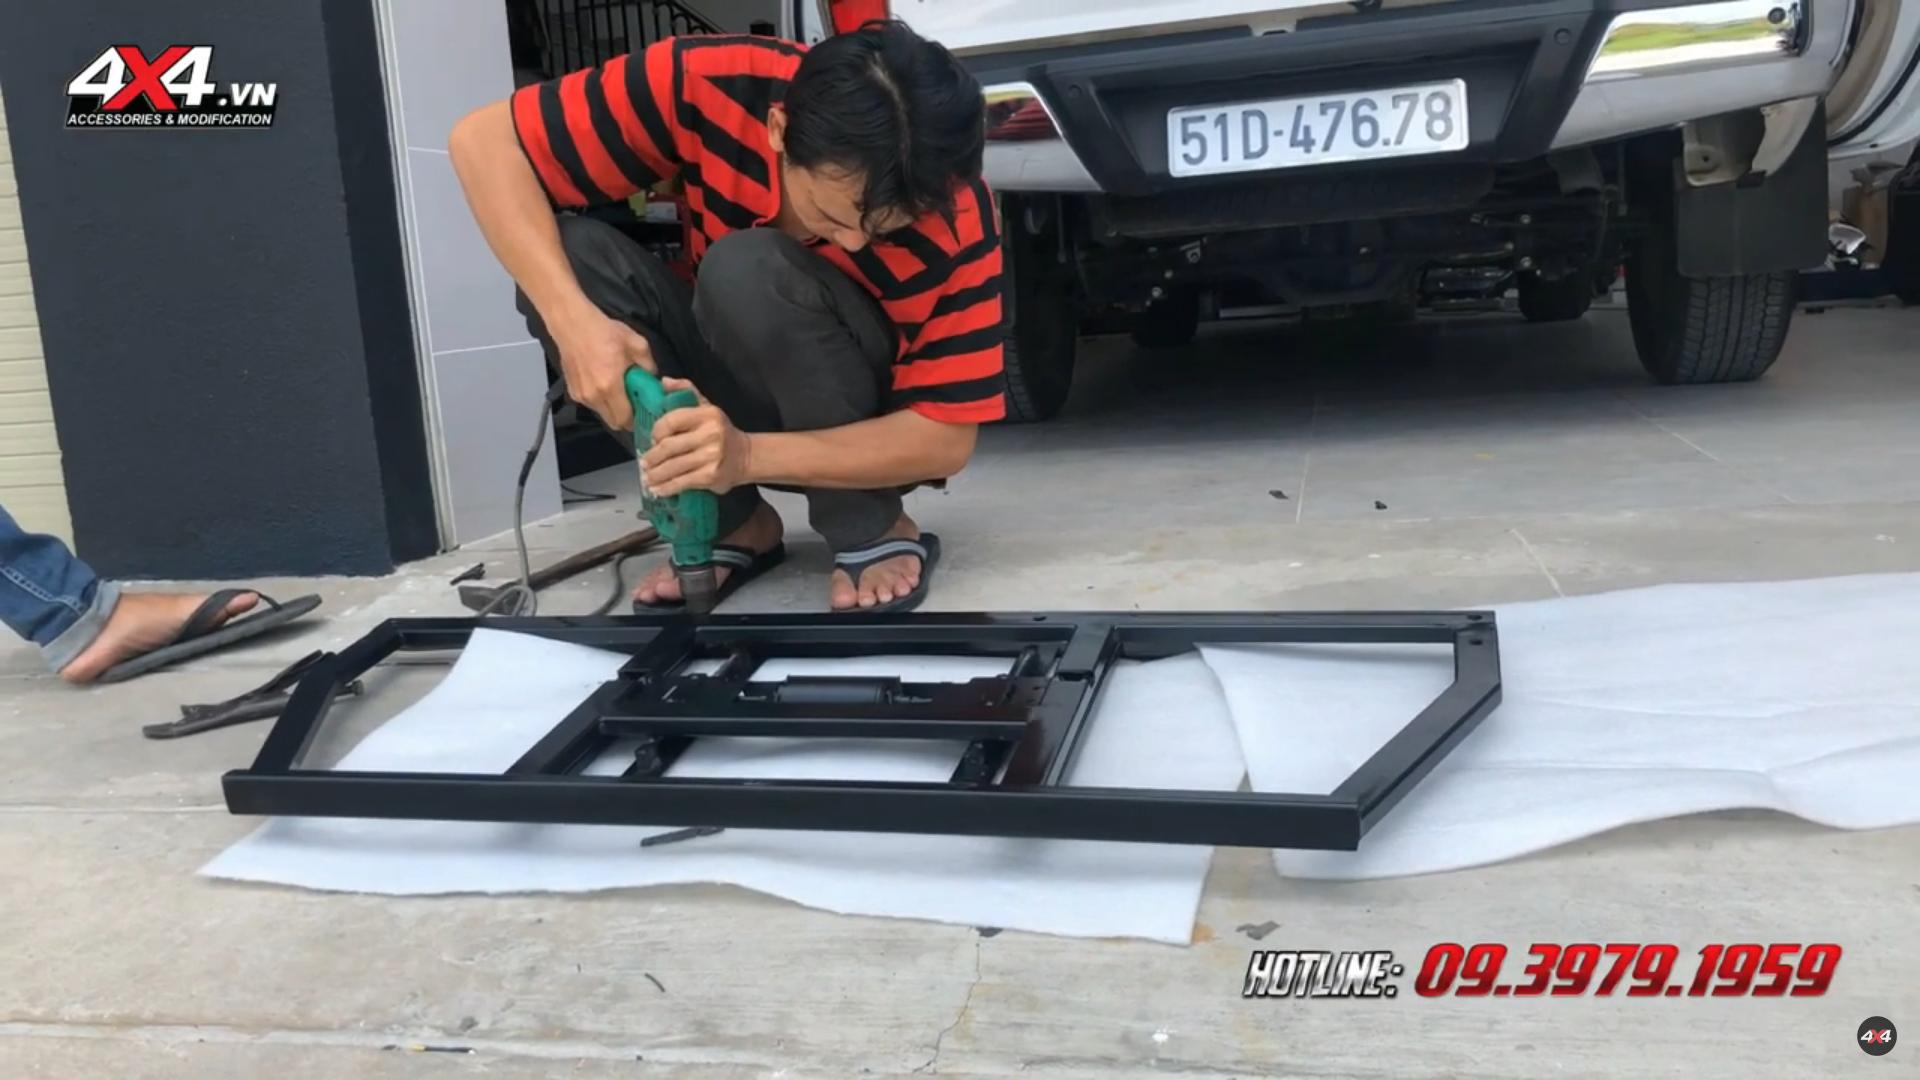 4x4 workshop chuyên độ ghế chỉnh điện cho xe bán tải Mazda BT-50 tại 4x4